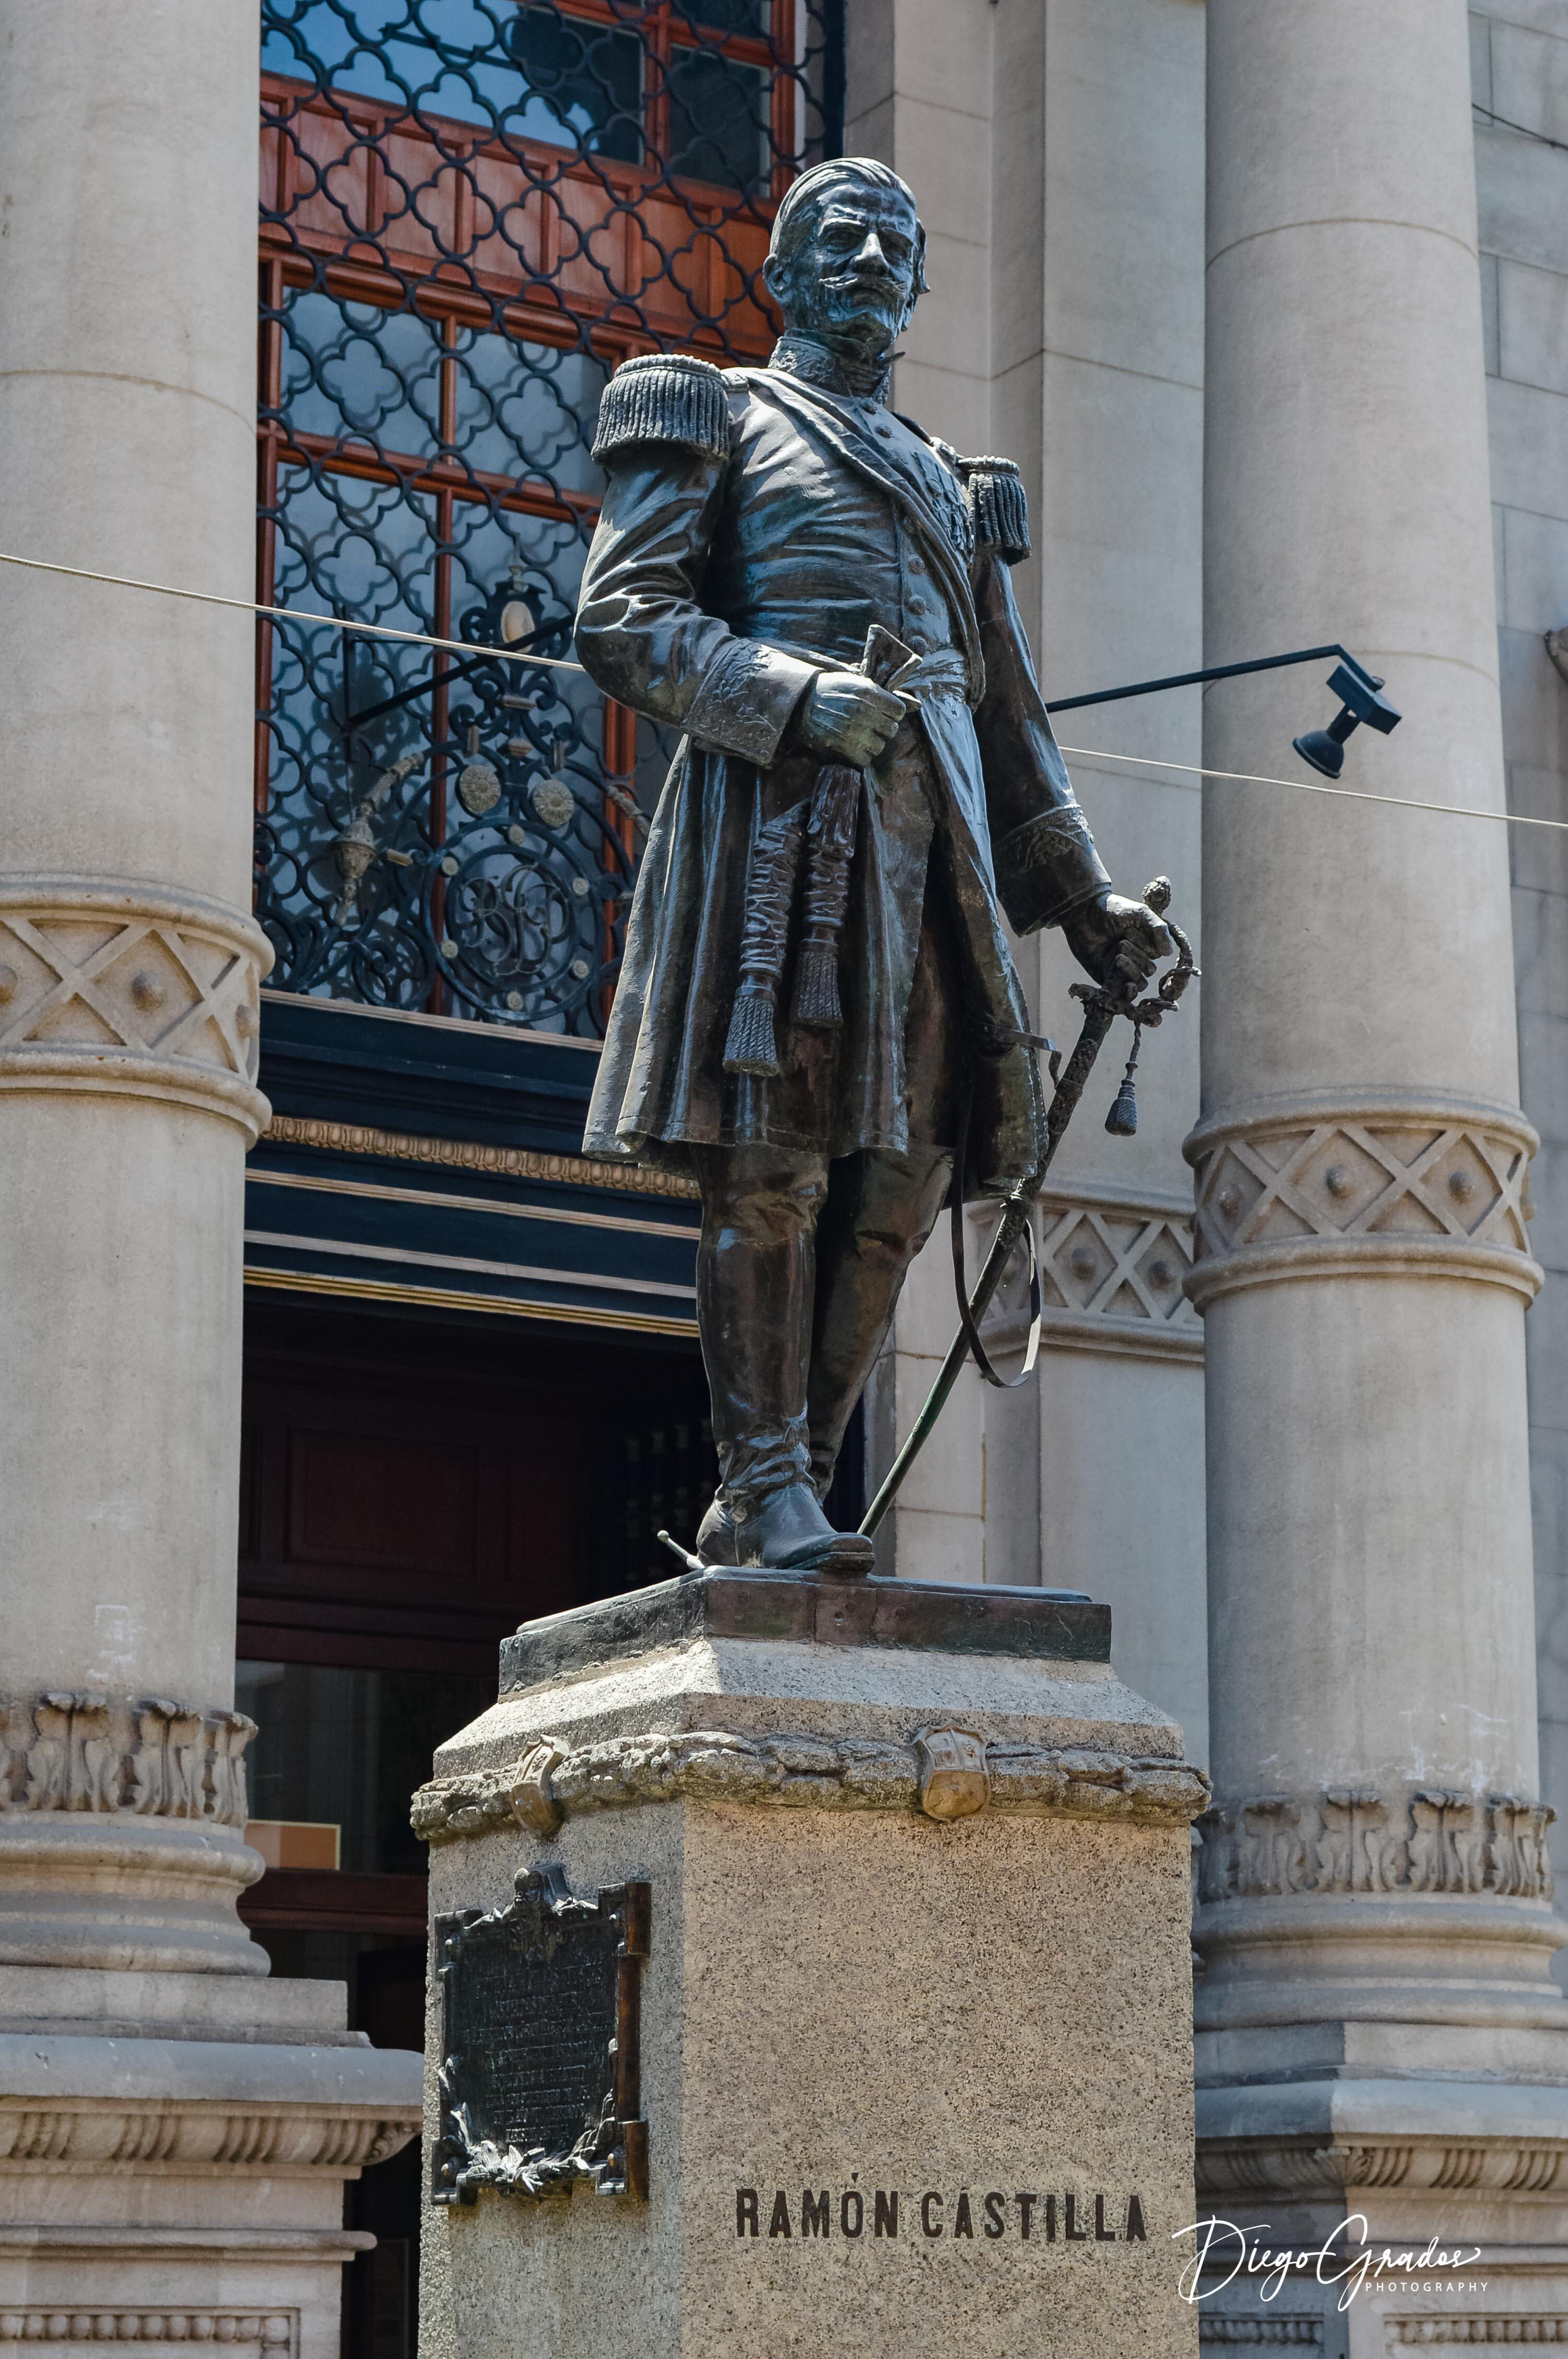 Ramón Castilla